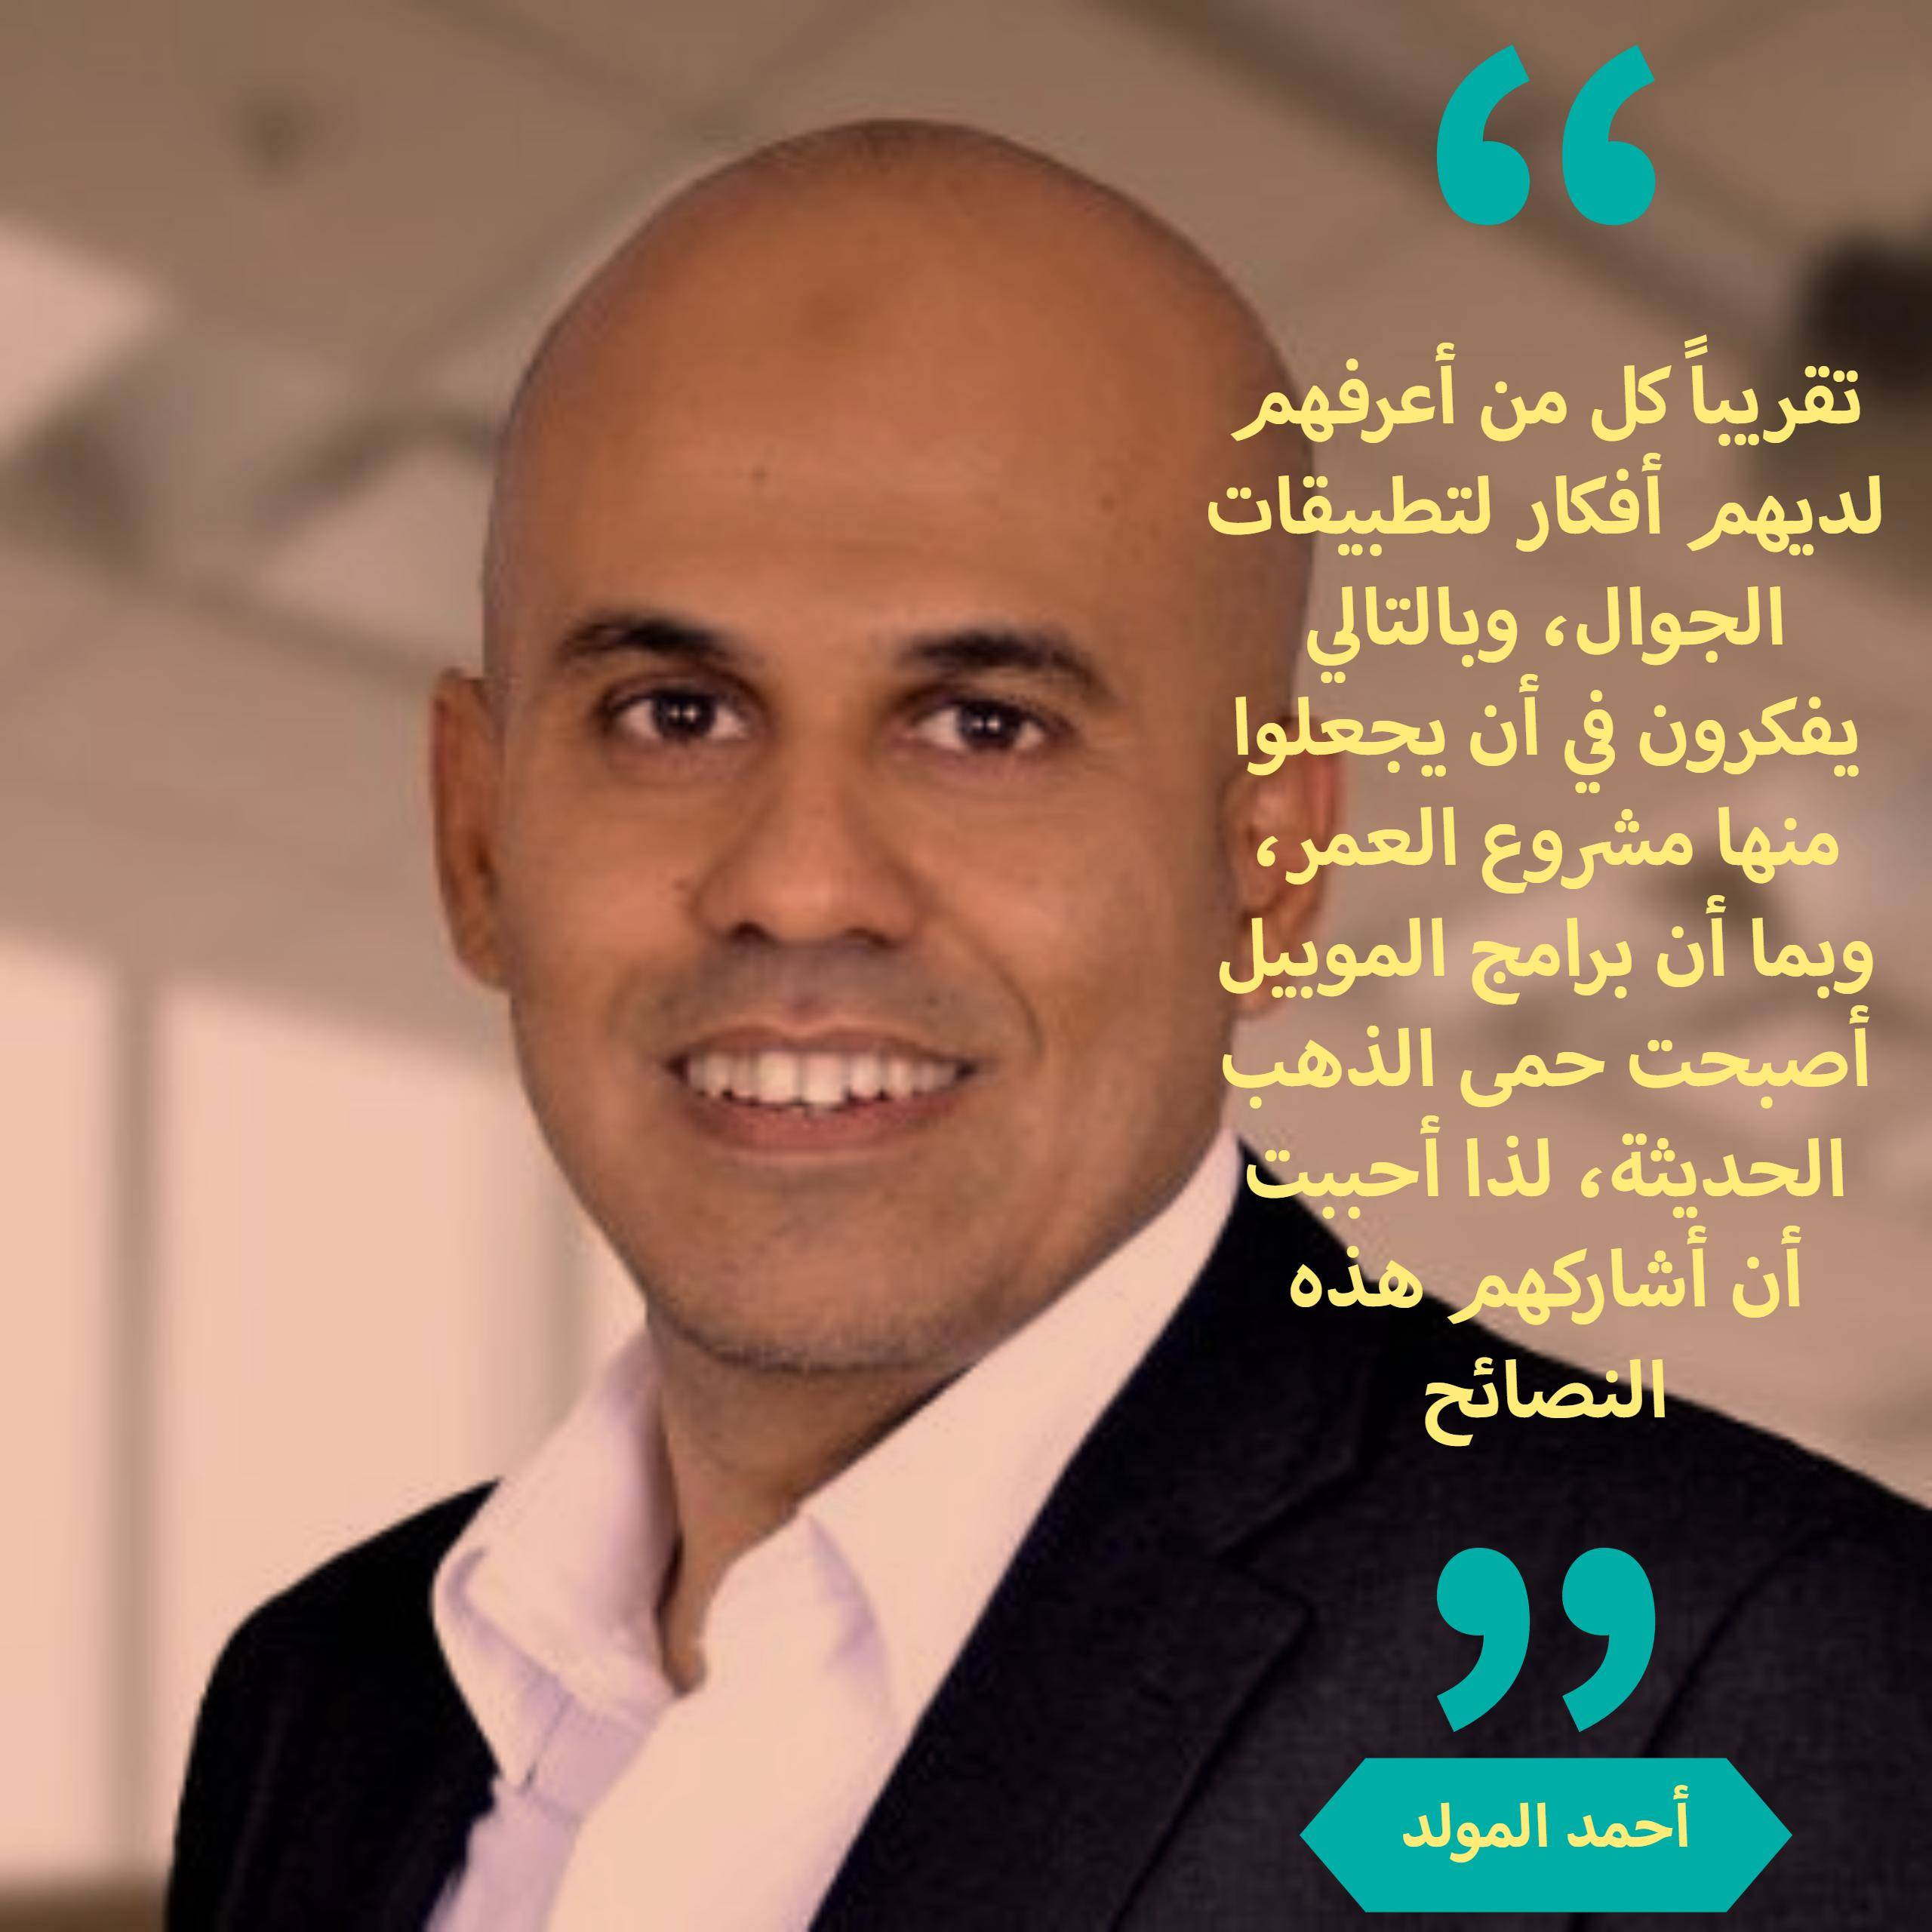 إنشاء تطبيقات الجوال والربح منها - نصائح لأحمد المولد